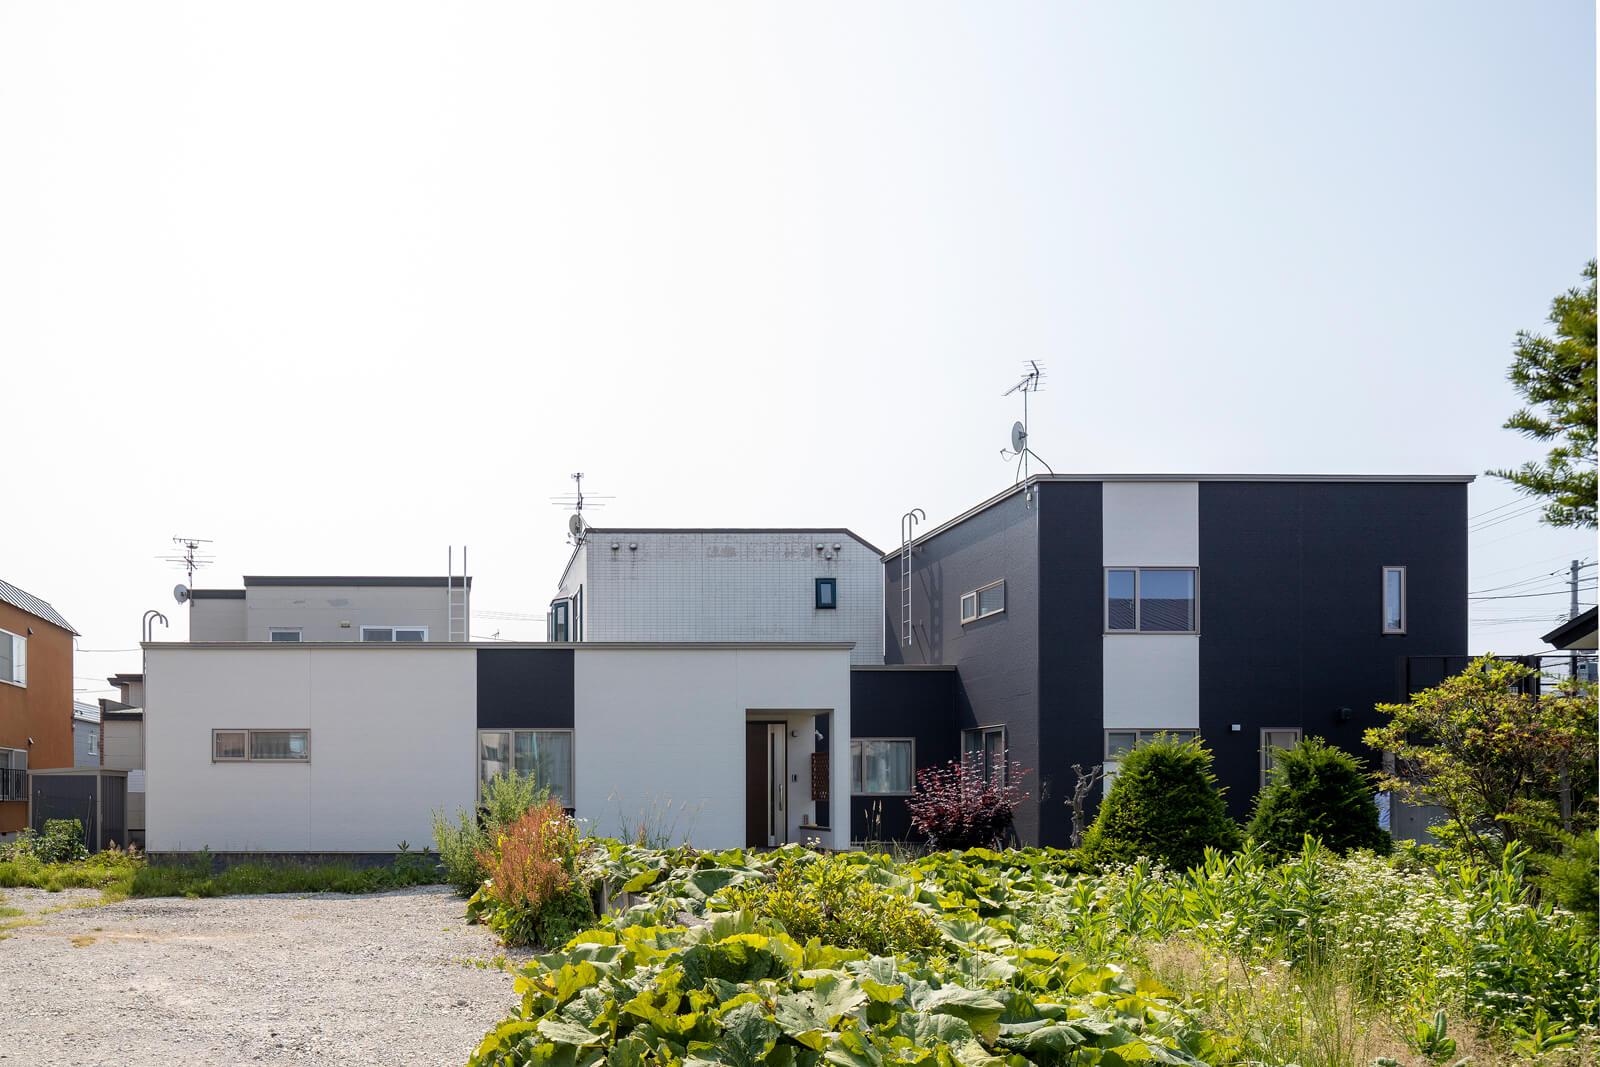 細長い敷地の形状を生かし、奥側(写真左)には平屋の親世帯の住まいを、道路側(写真右)には2階建てのFさんご家族の住まいを配置している